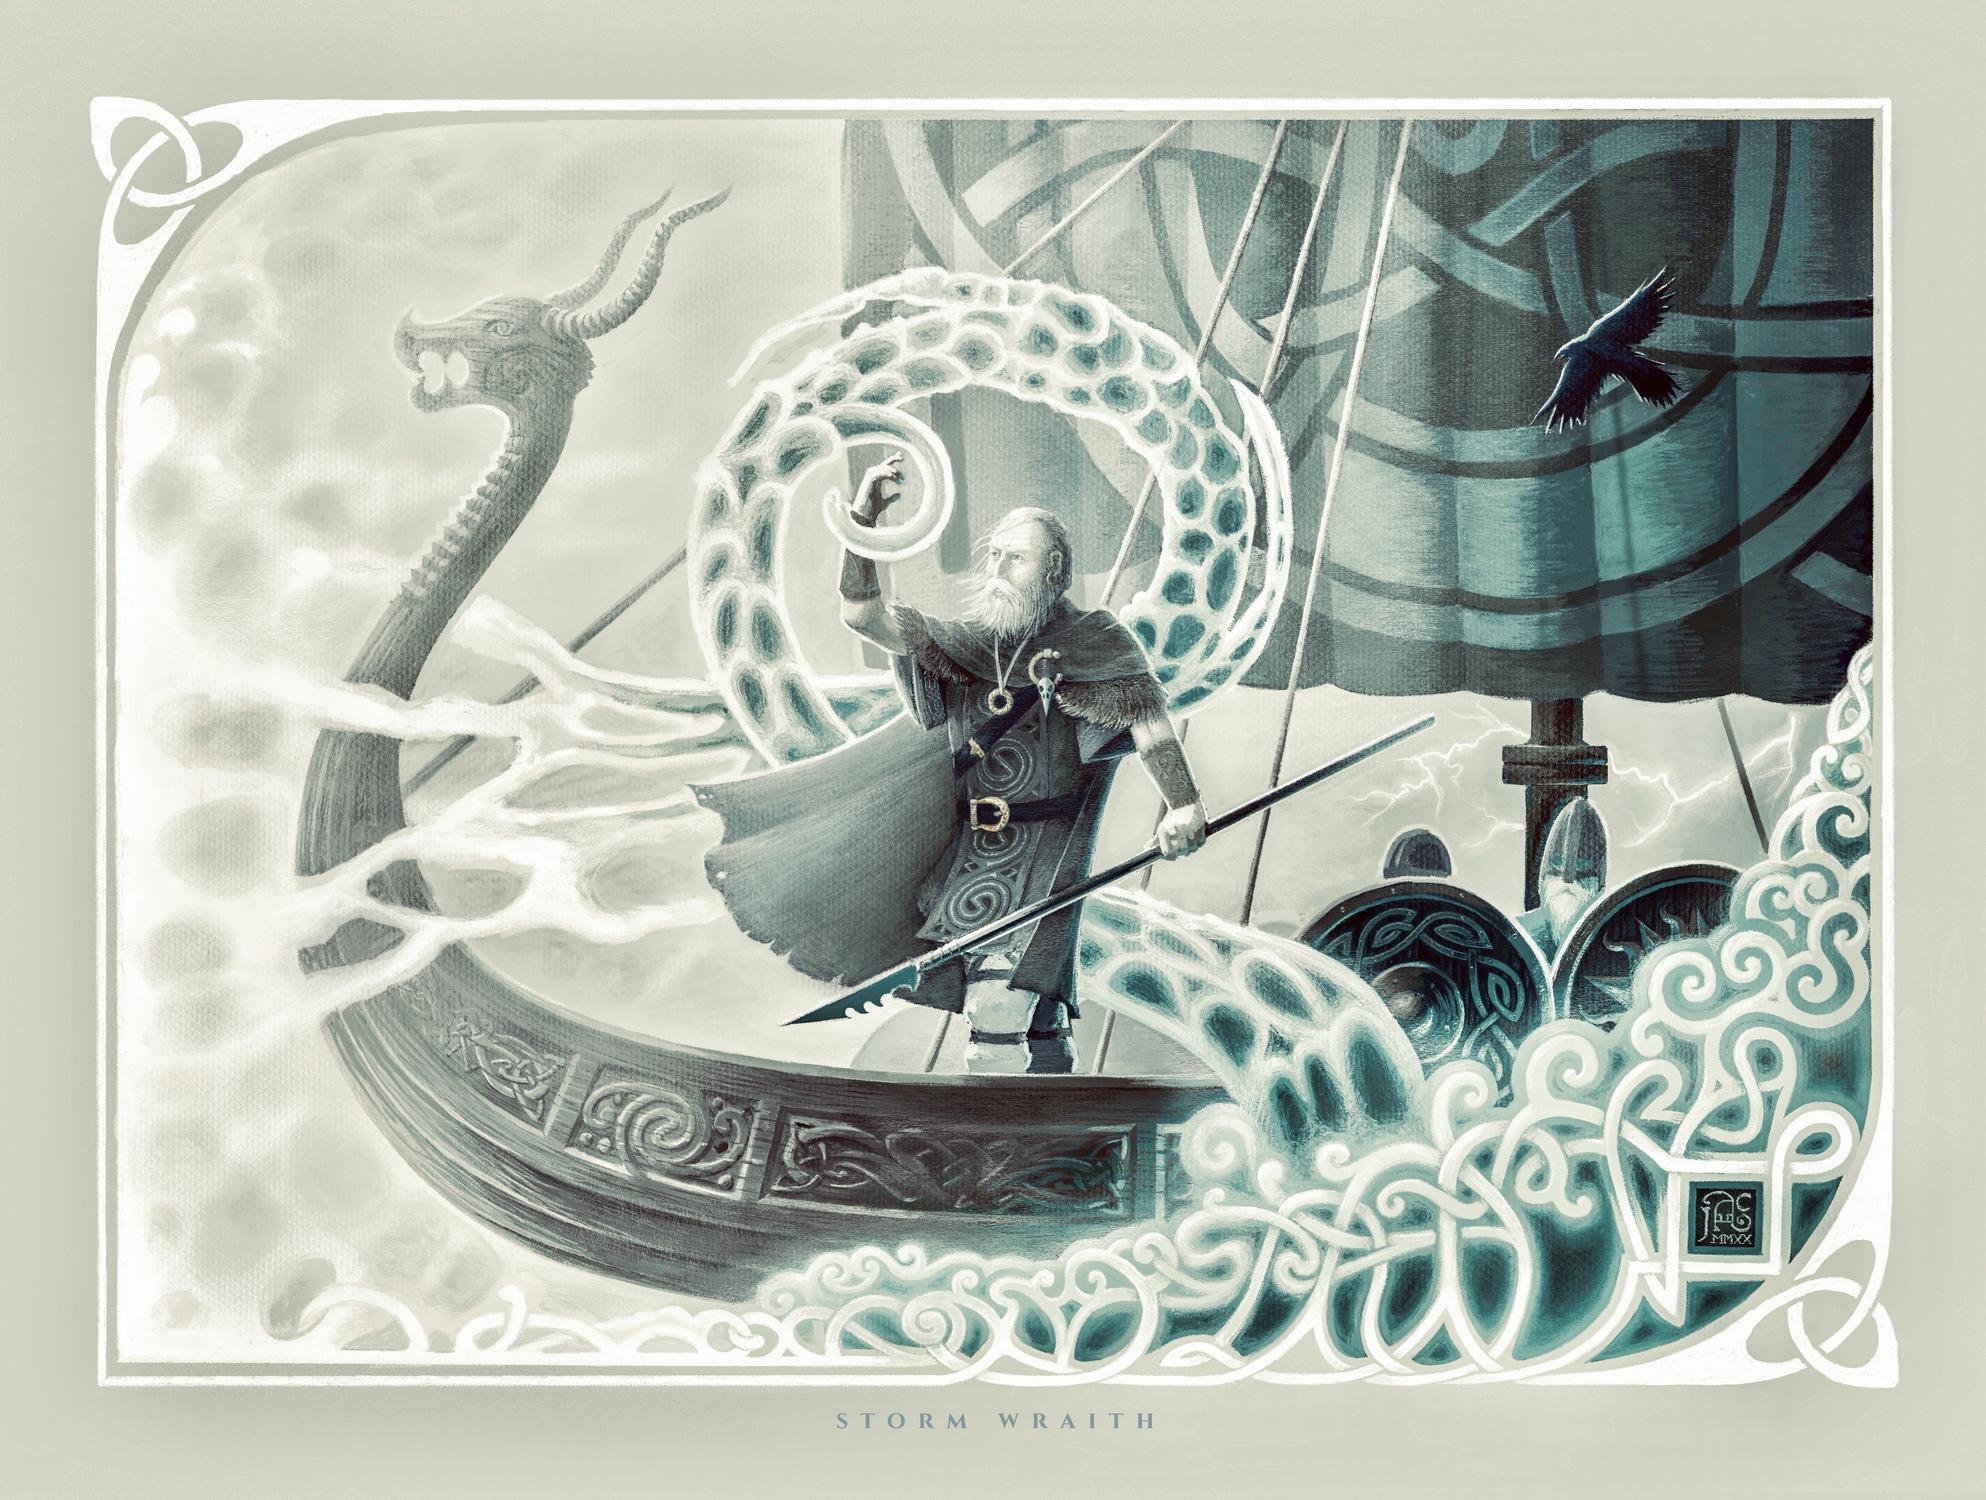 Storm Wraith Artwork by James Adam Cartwright